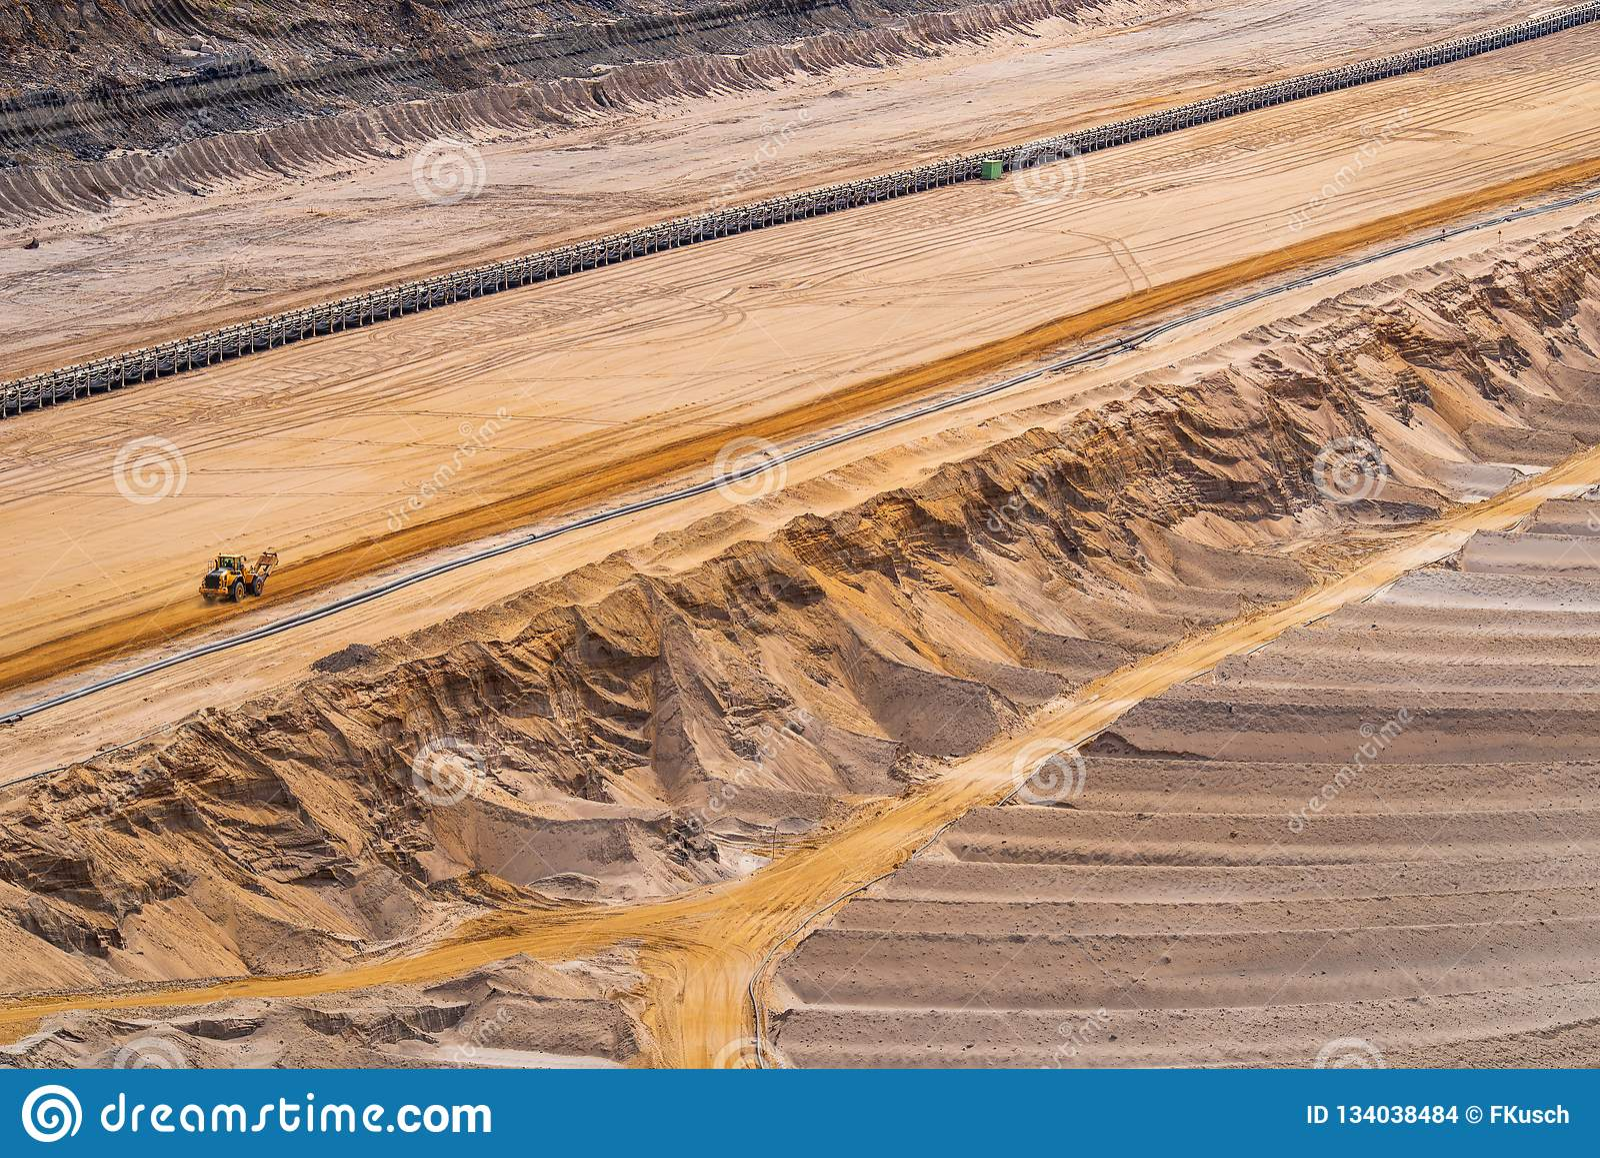 Άποψη σε ένα ορυχείο λιγνίτη με τις ζώνες μεταφορέων και driveways στην άμμο, Etzweiler